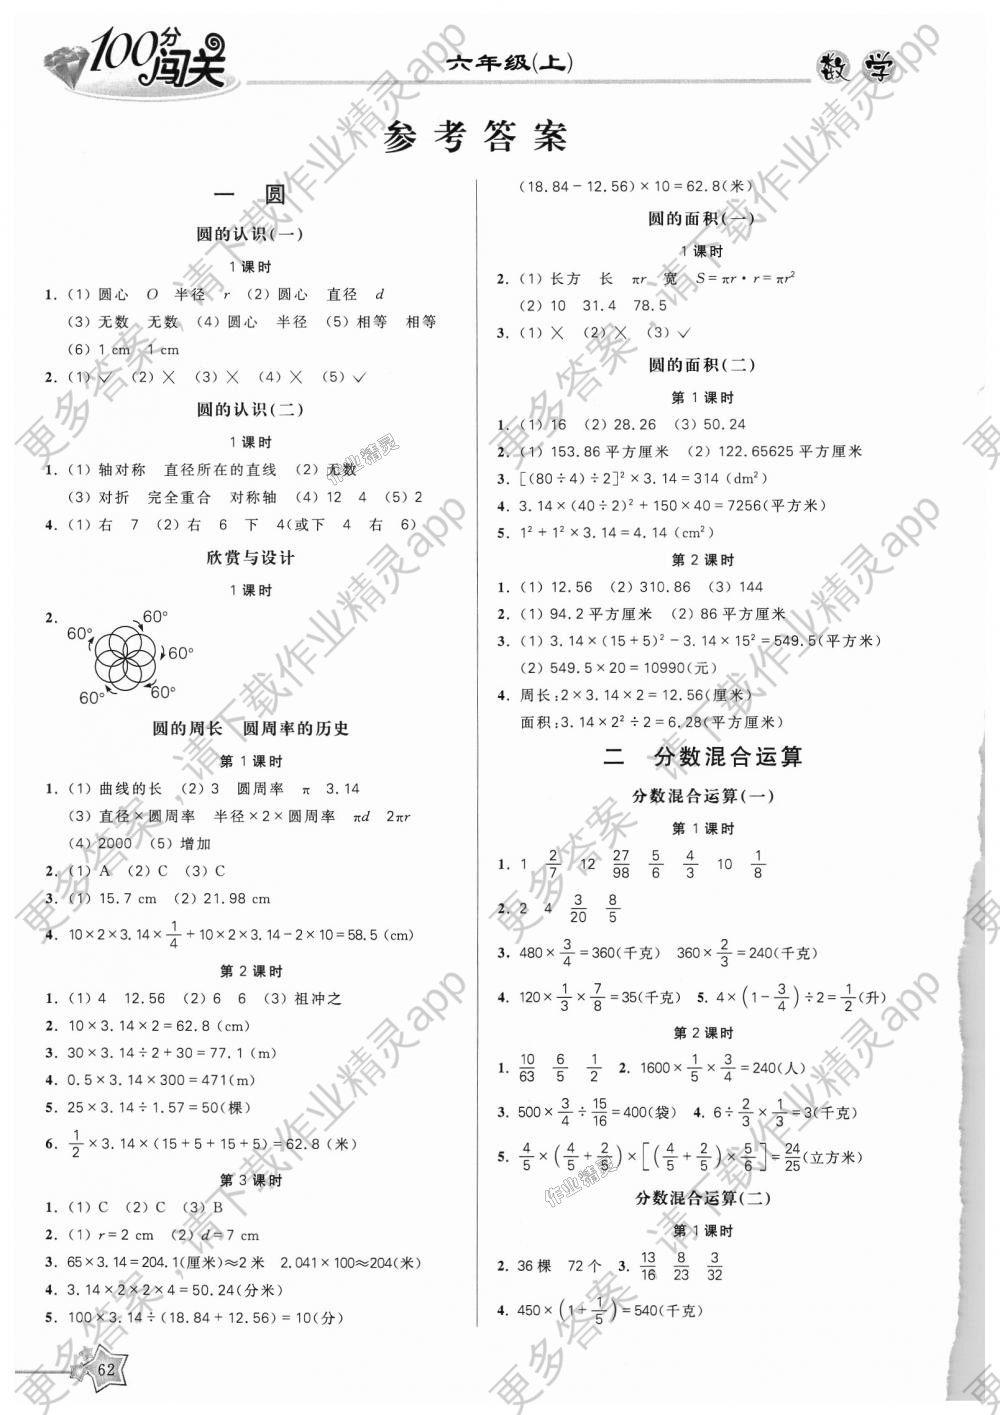 2018年100分闯关课时作业六年级数学上册北师大版 第1页